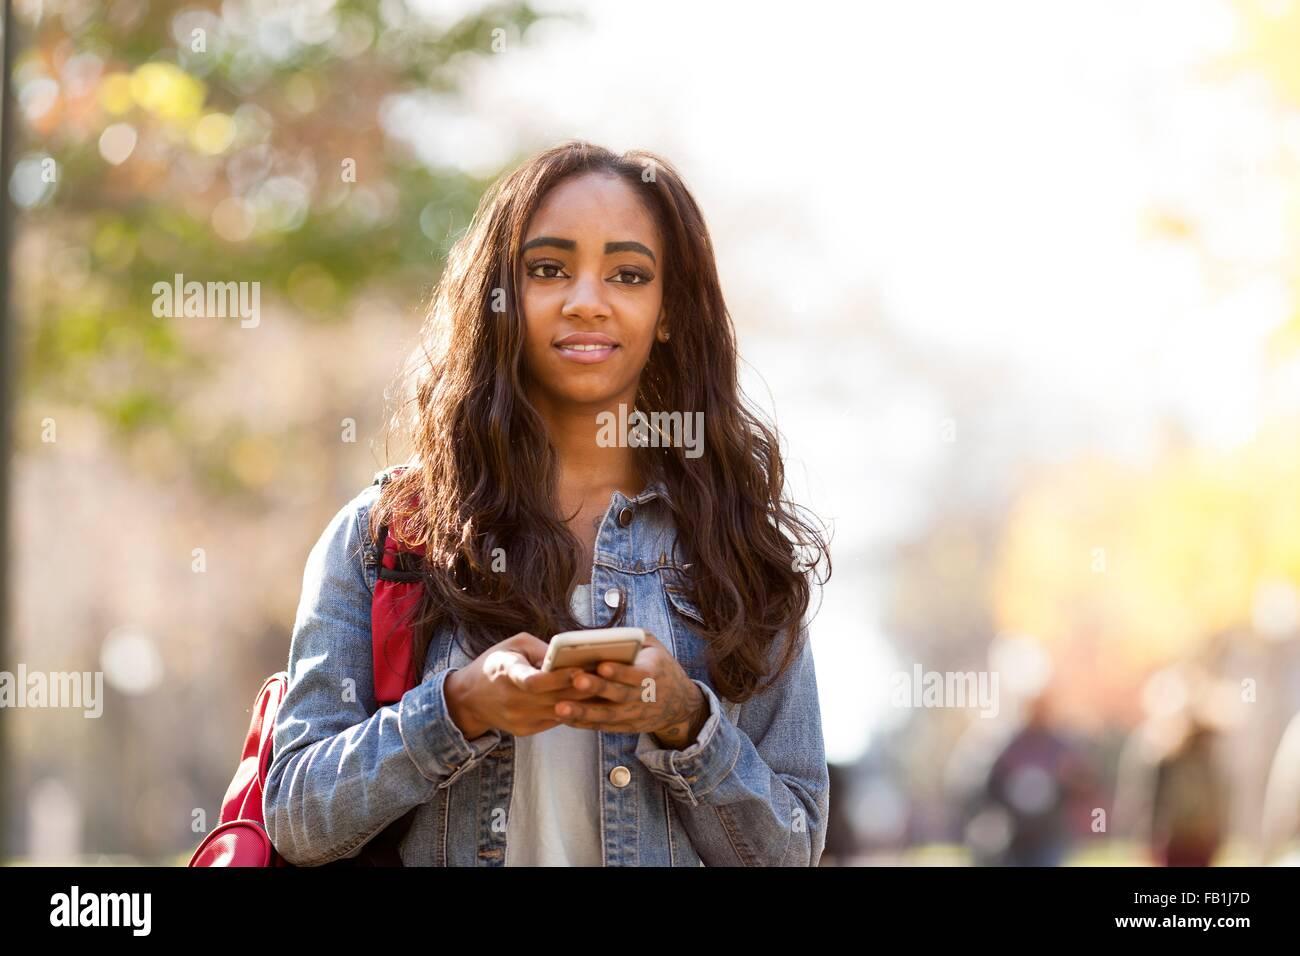 Giovane donna con capelli lunghi marrone indossando giacca denim smartphone tenendo lo sguardo lontano sorridente Immagini Stock